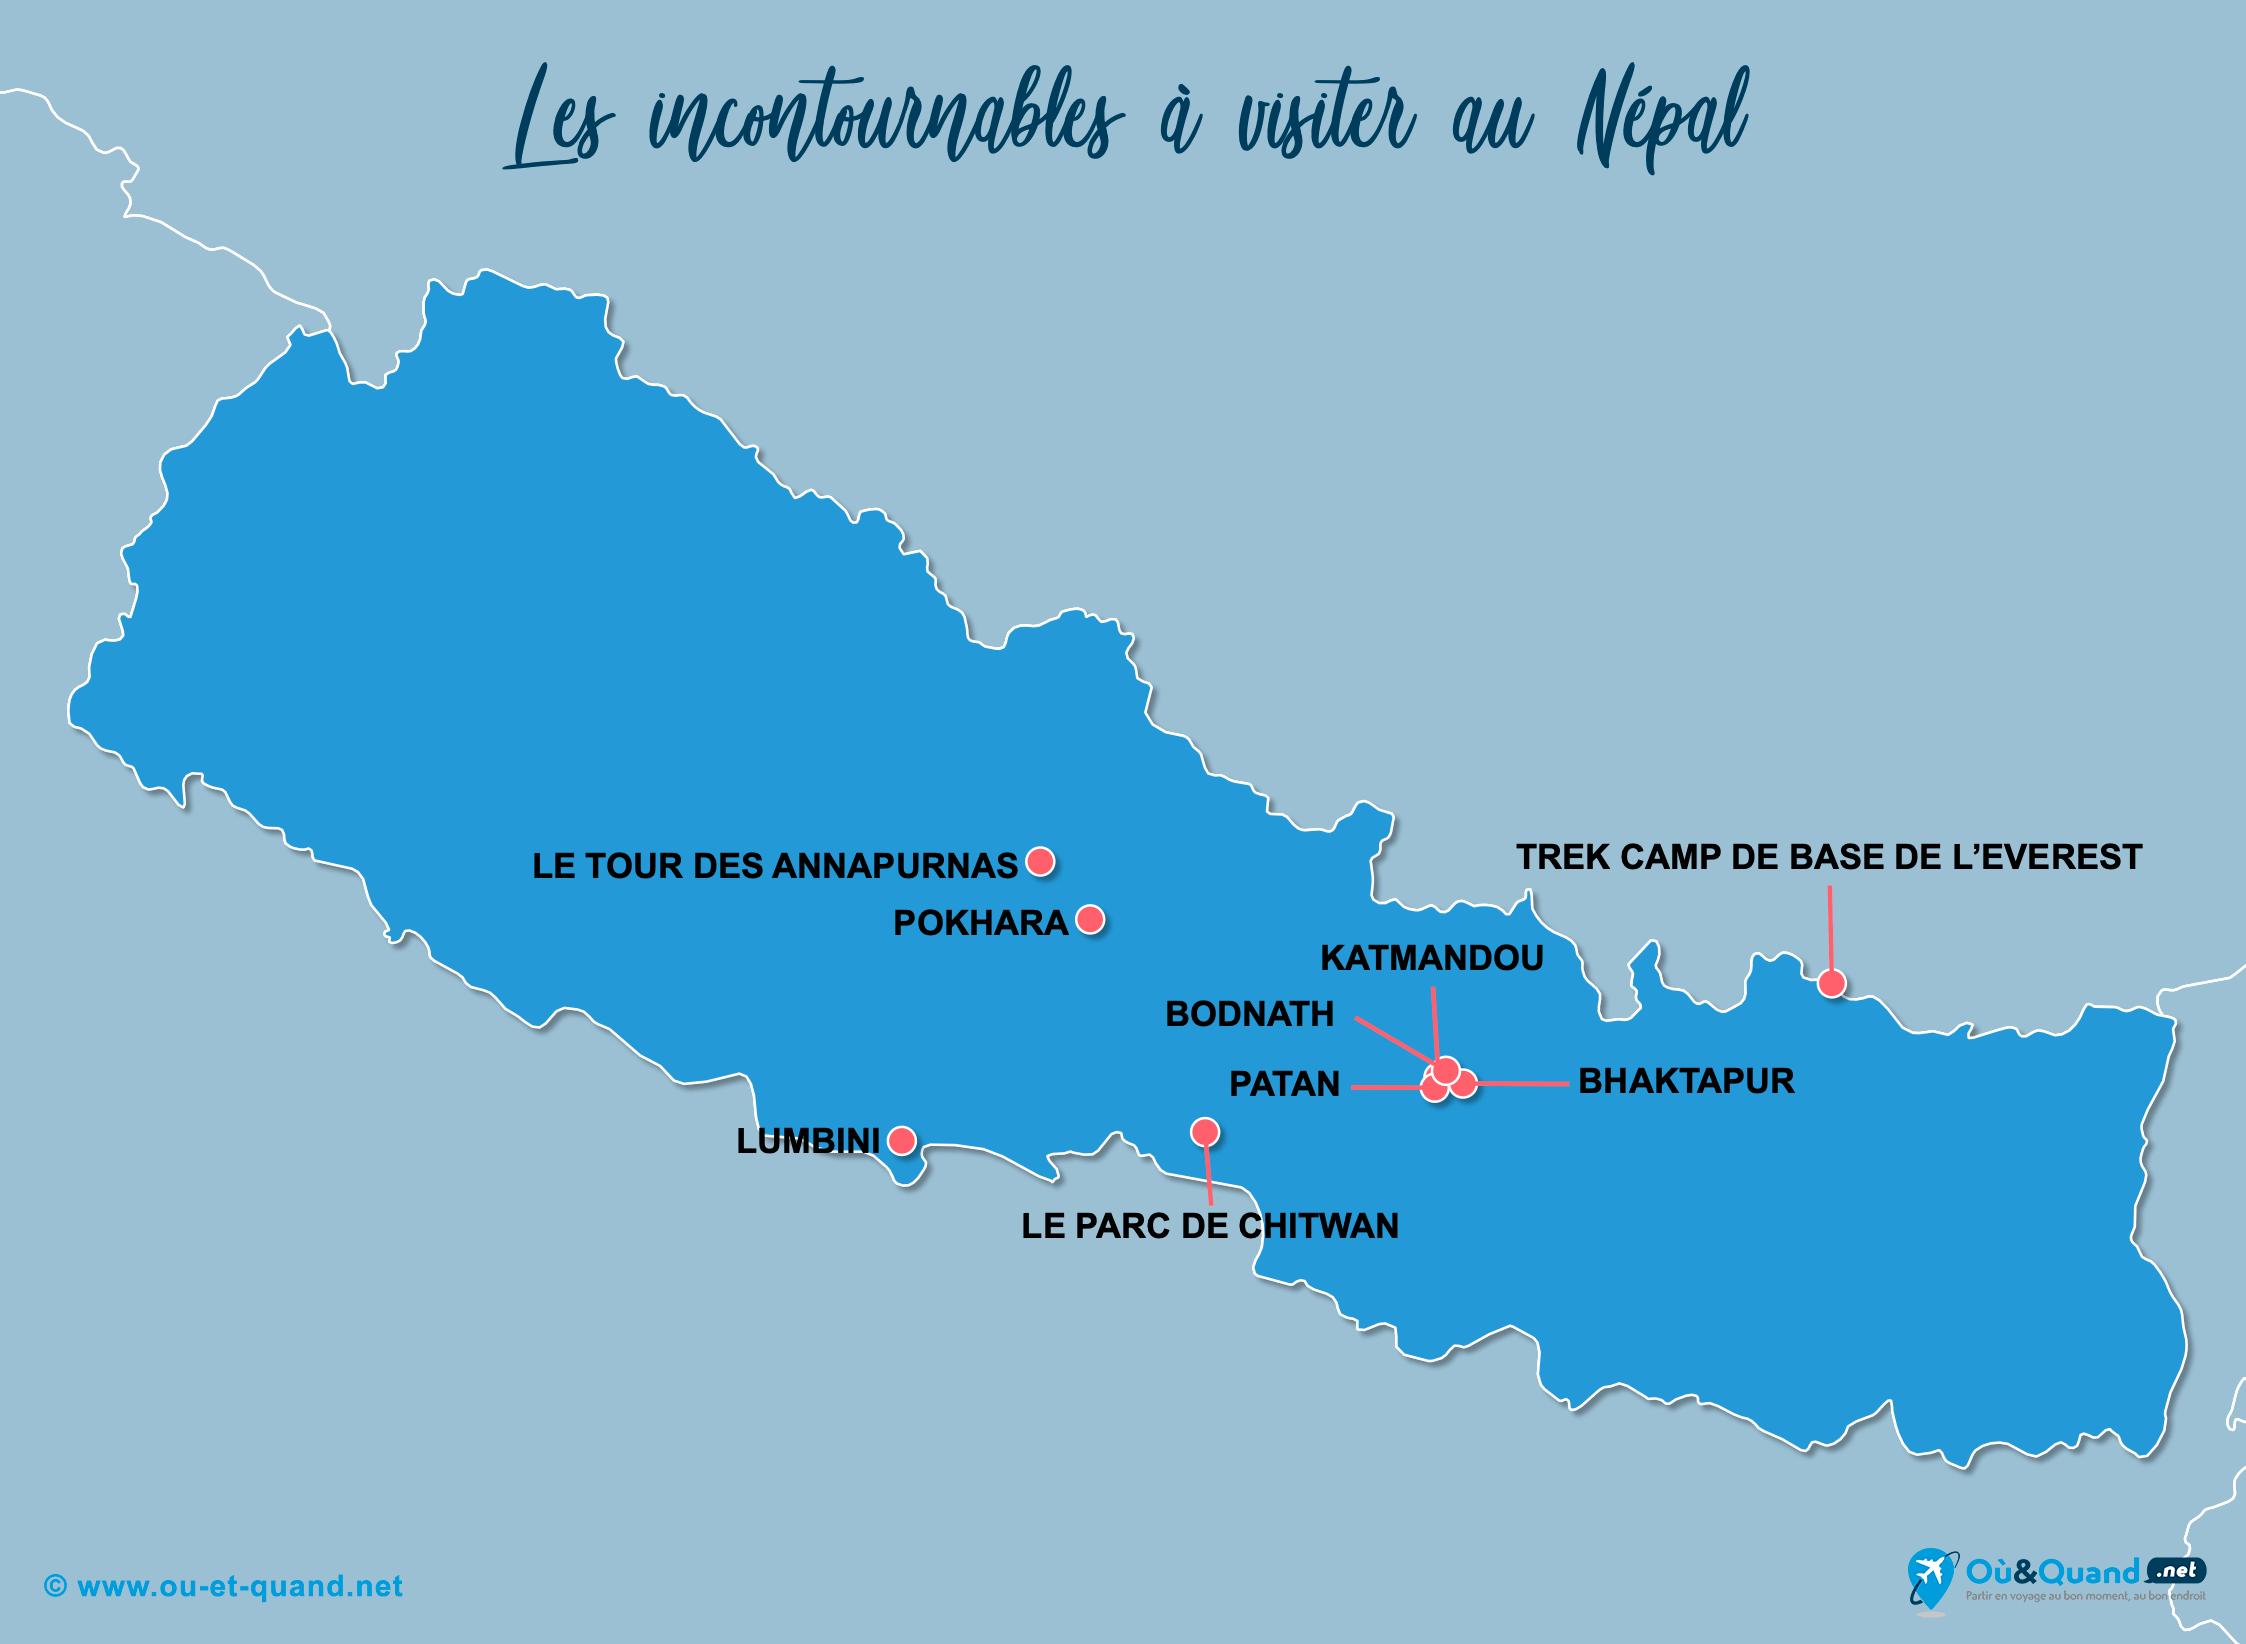 Carte Incontournables Népal